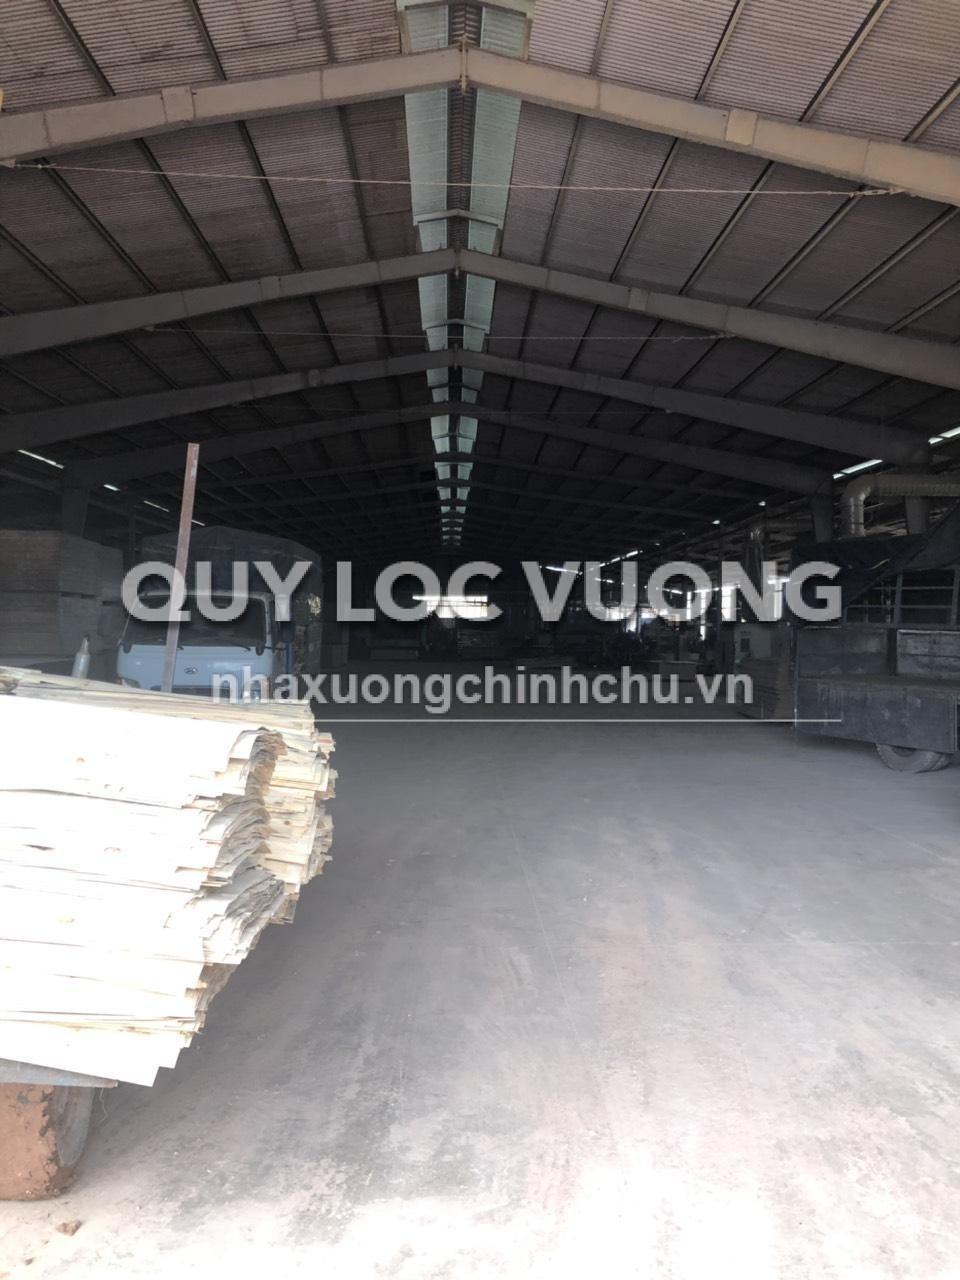 Bán nhà xưởng tại xã Tân An huyện Vĩnh Cửu, Đồng Nai